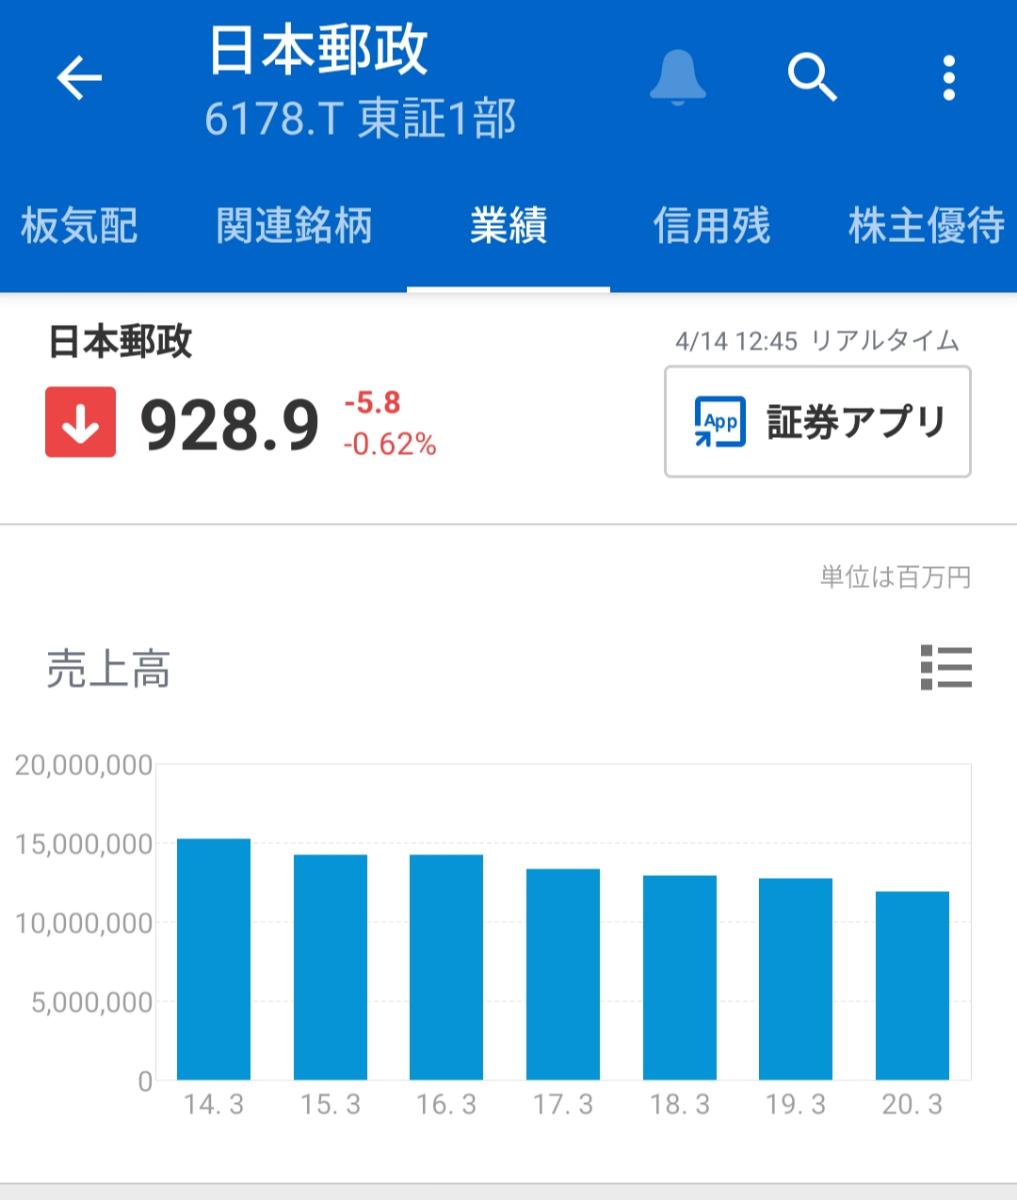 6178 - 日本郵政(株) 確実に下げる。売れば儲かる簡単な株😄